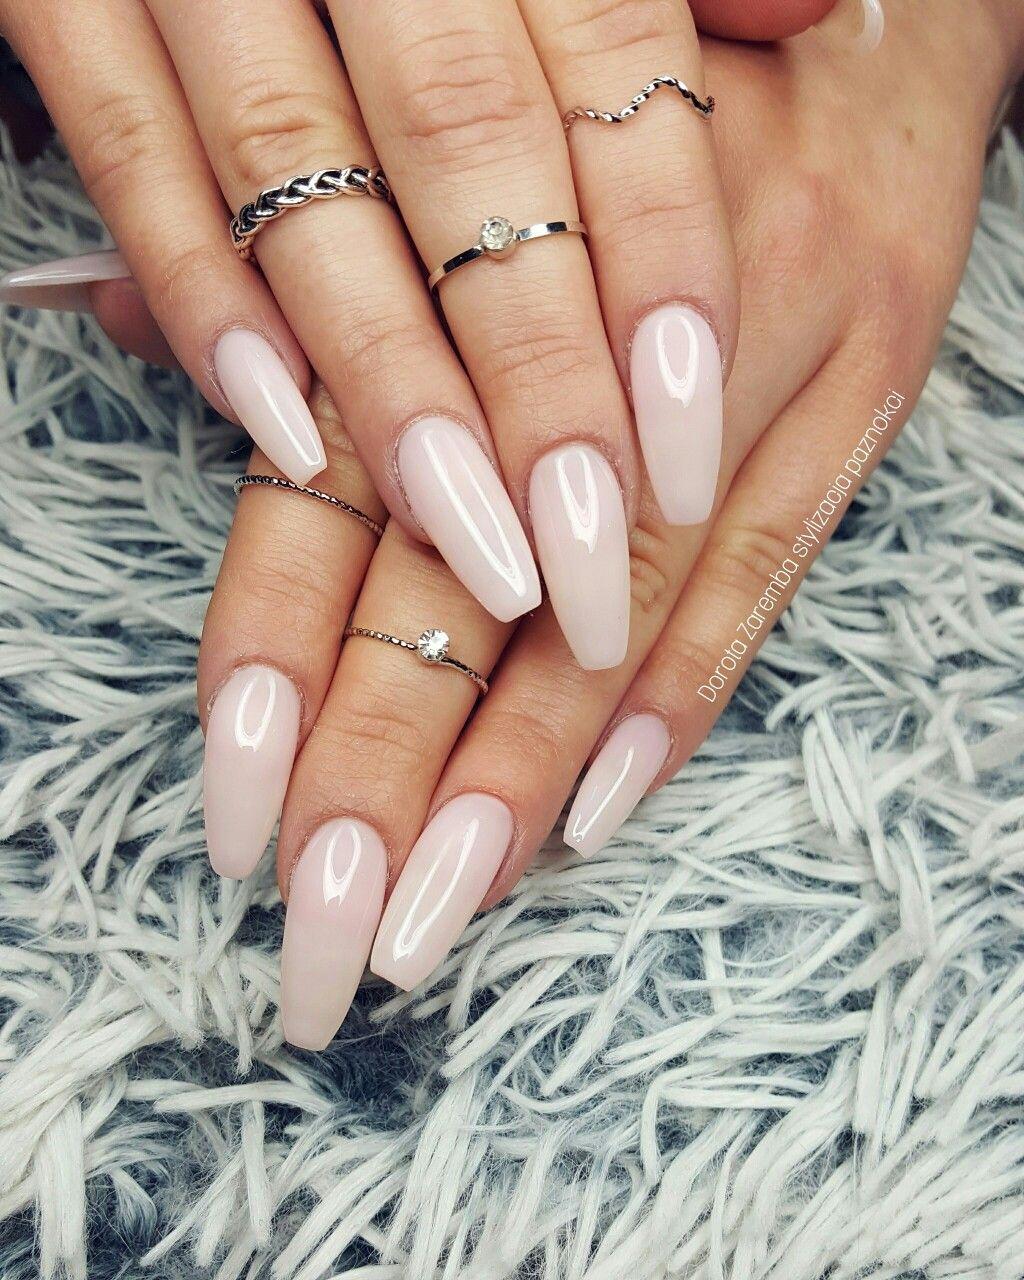 Natural nails Gel nails, style nails, design nails, glamour nail - Natural Nails Gel Nails, Style Nails, Design Nails, Glamour Nail